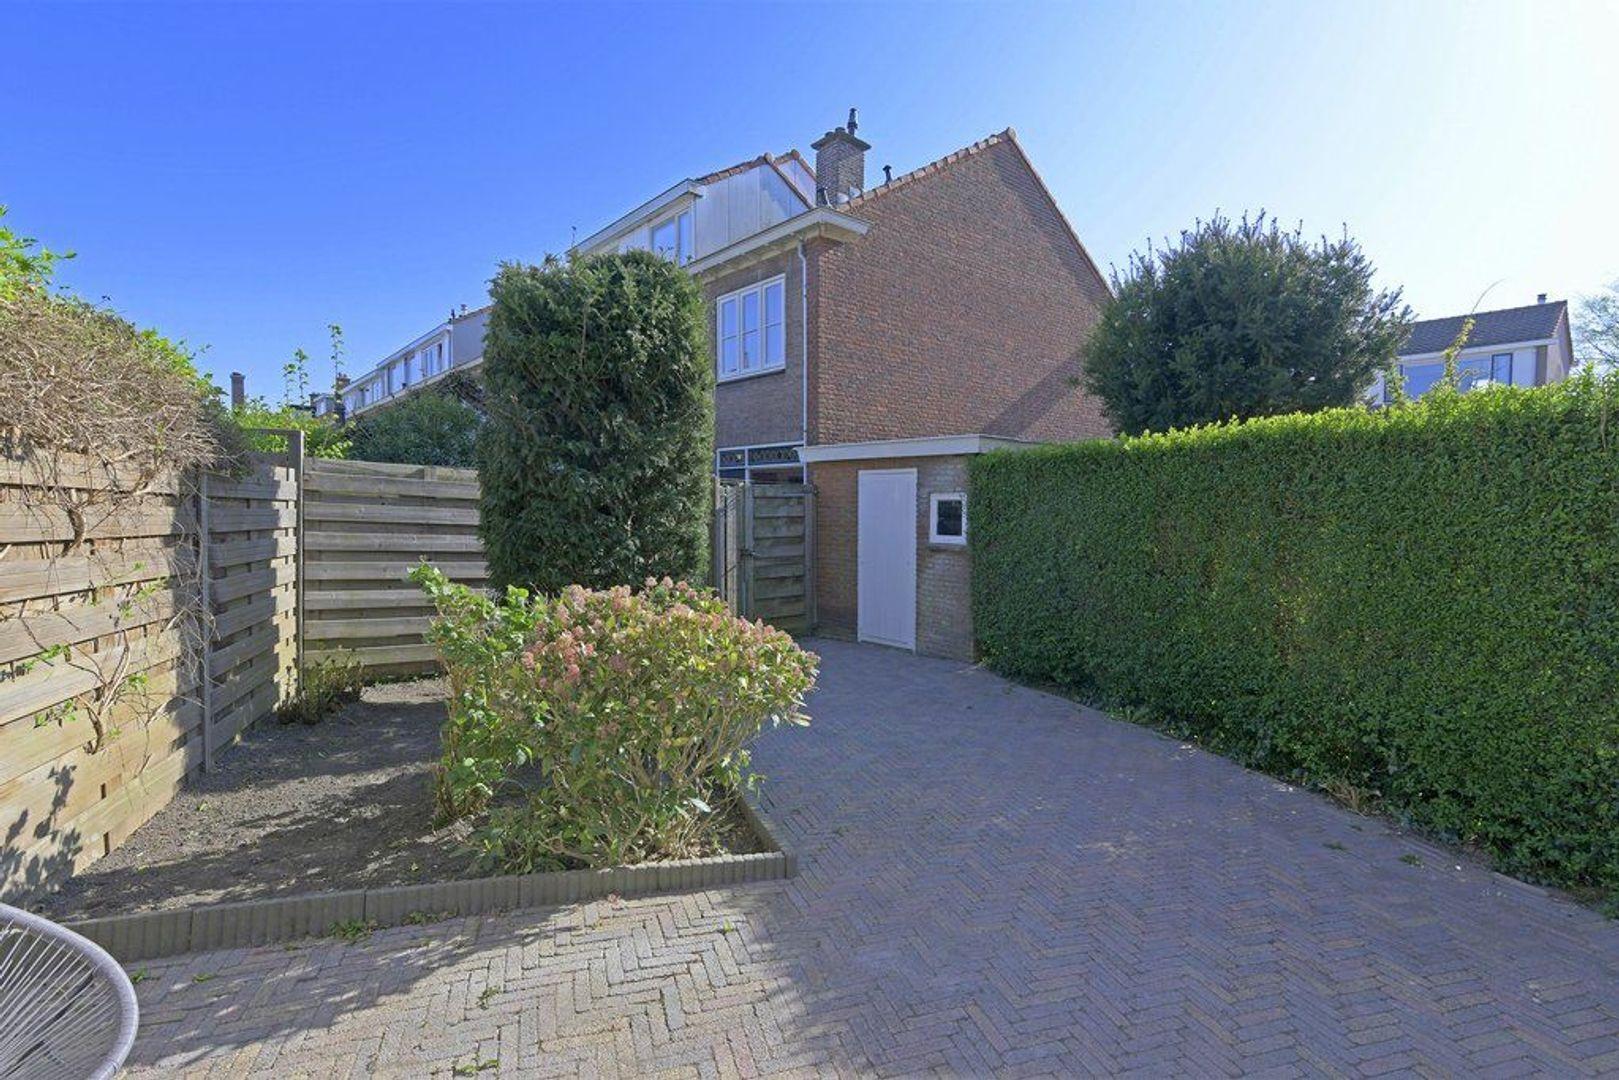 Kappeyne van de Coppellostraat 5, Delft foto-14